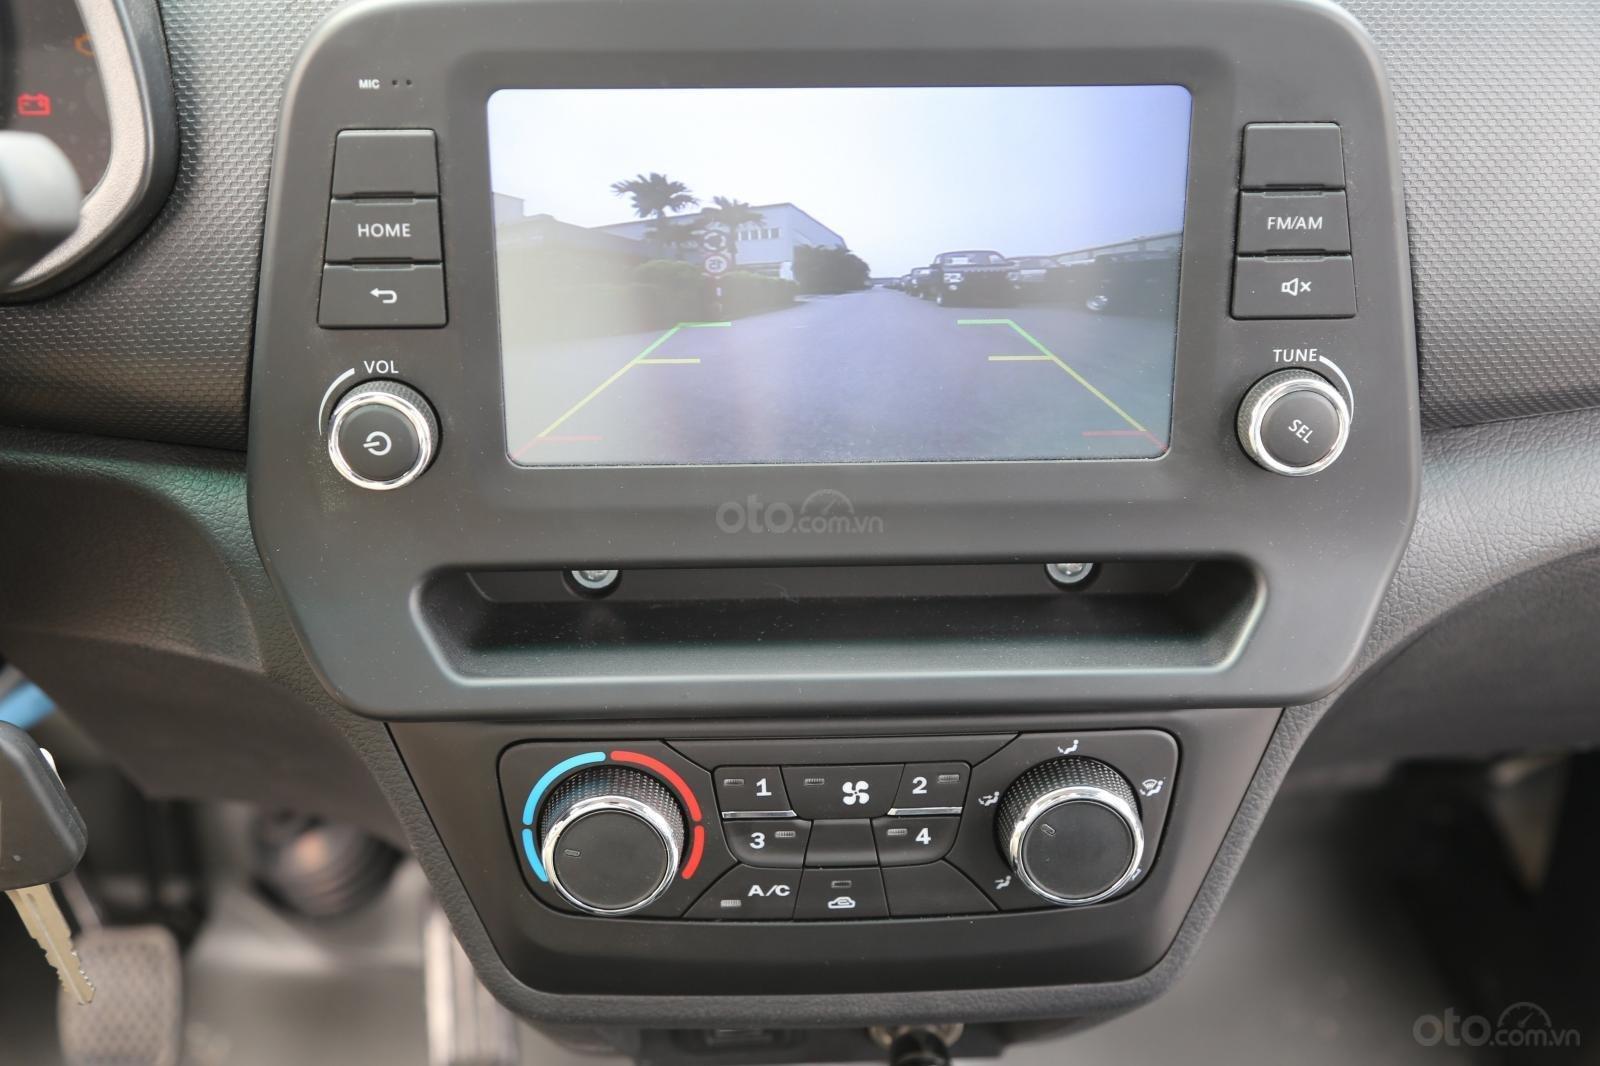 Bán xe tải nhỏ dưới 1 tấn SRM 930kg đời 2020 bản cao cấp 80tr nhận xe - Tặng 100% trước bạ - Tặng camera lùi (8)